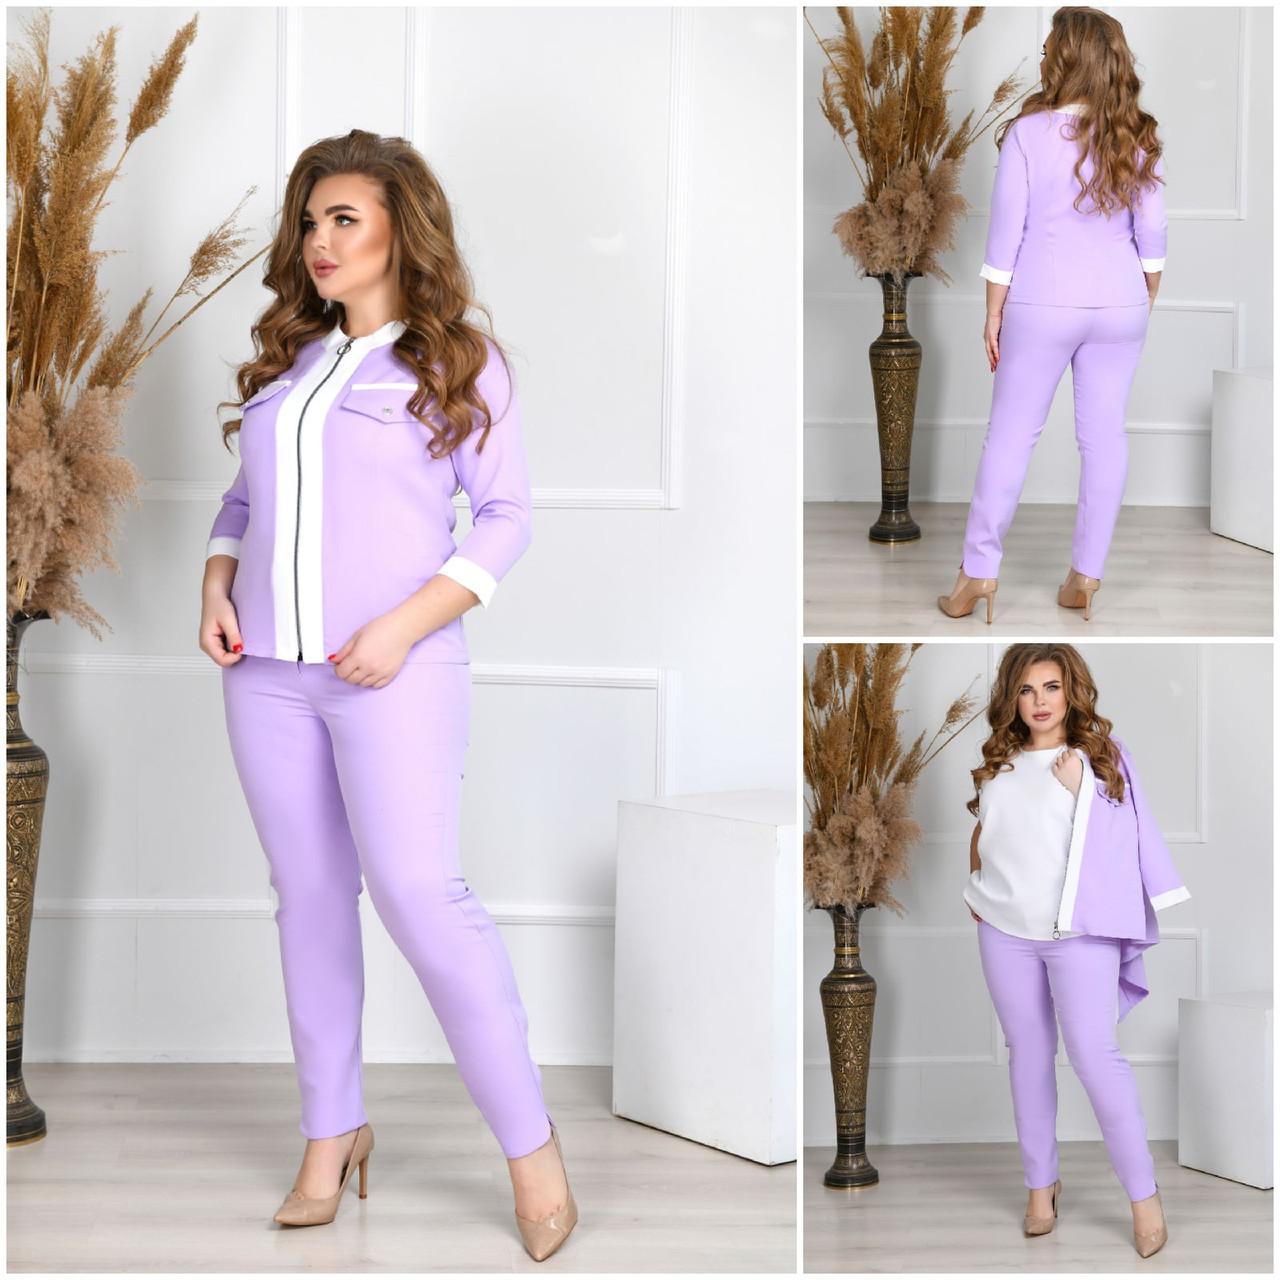 Жіночий елегантний діловий костюм трійка: жакет на змійці, біла блузка і штани, батал великі розміри